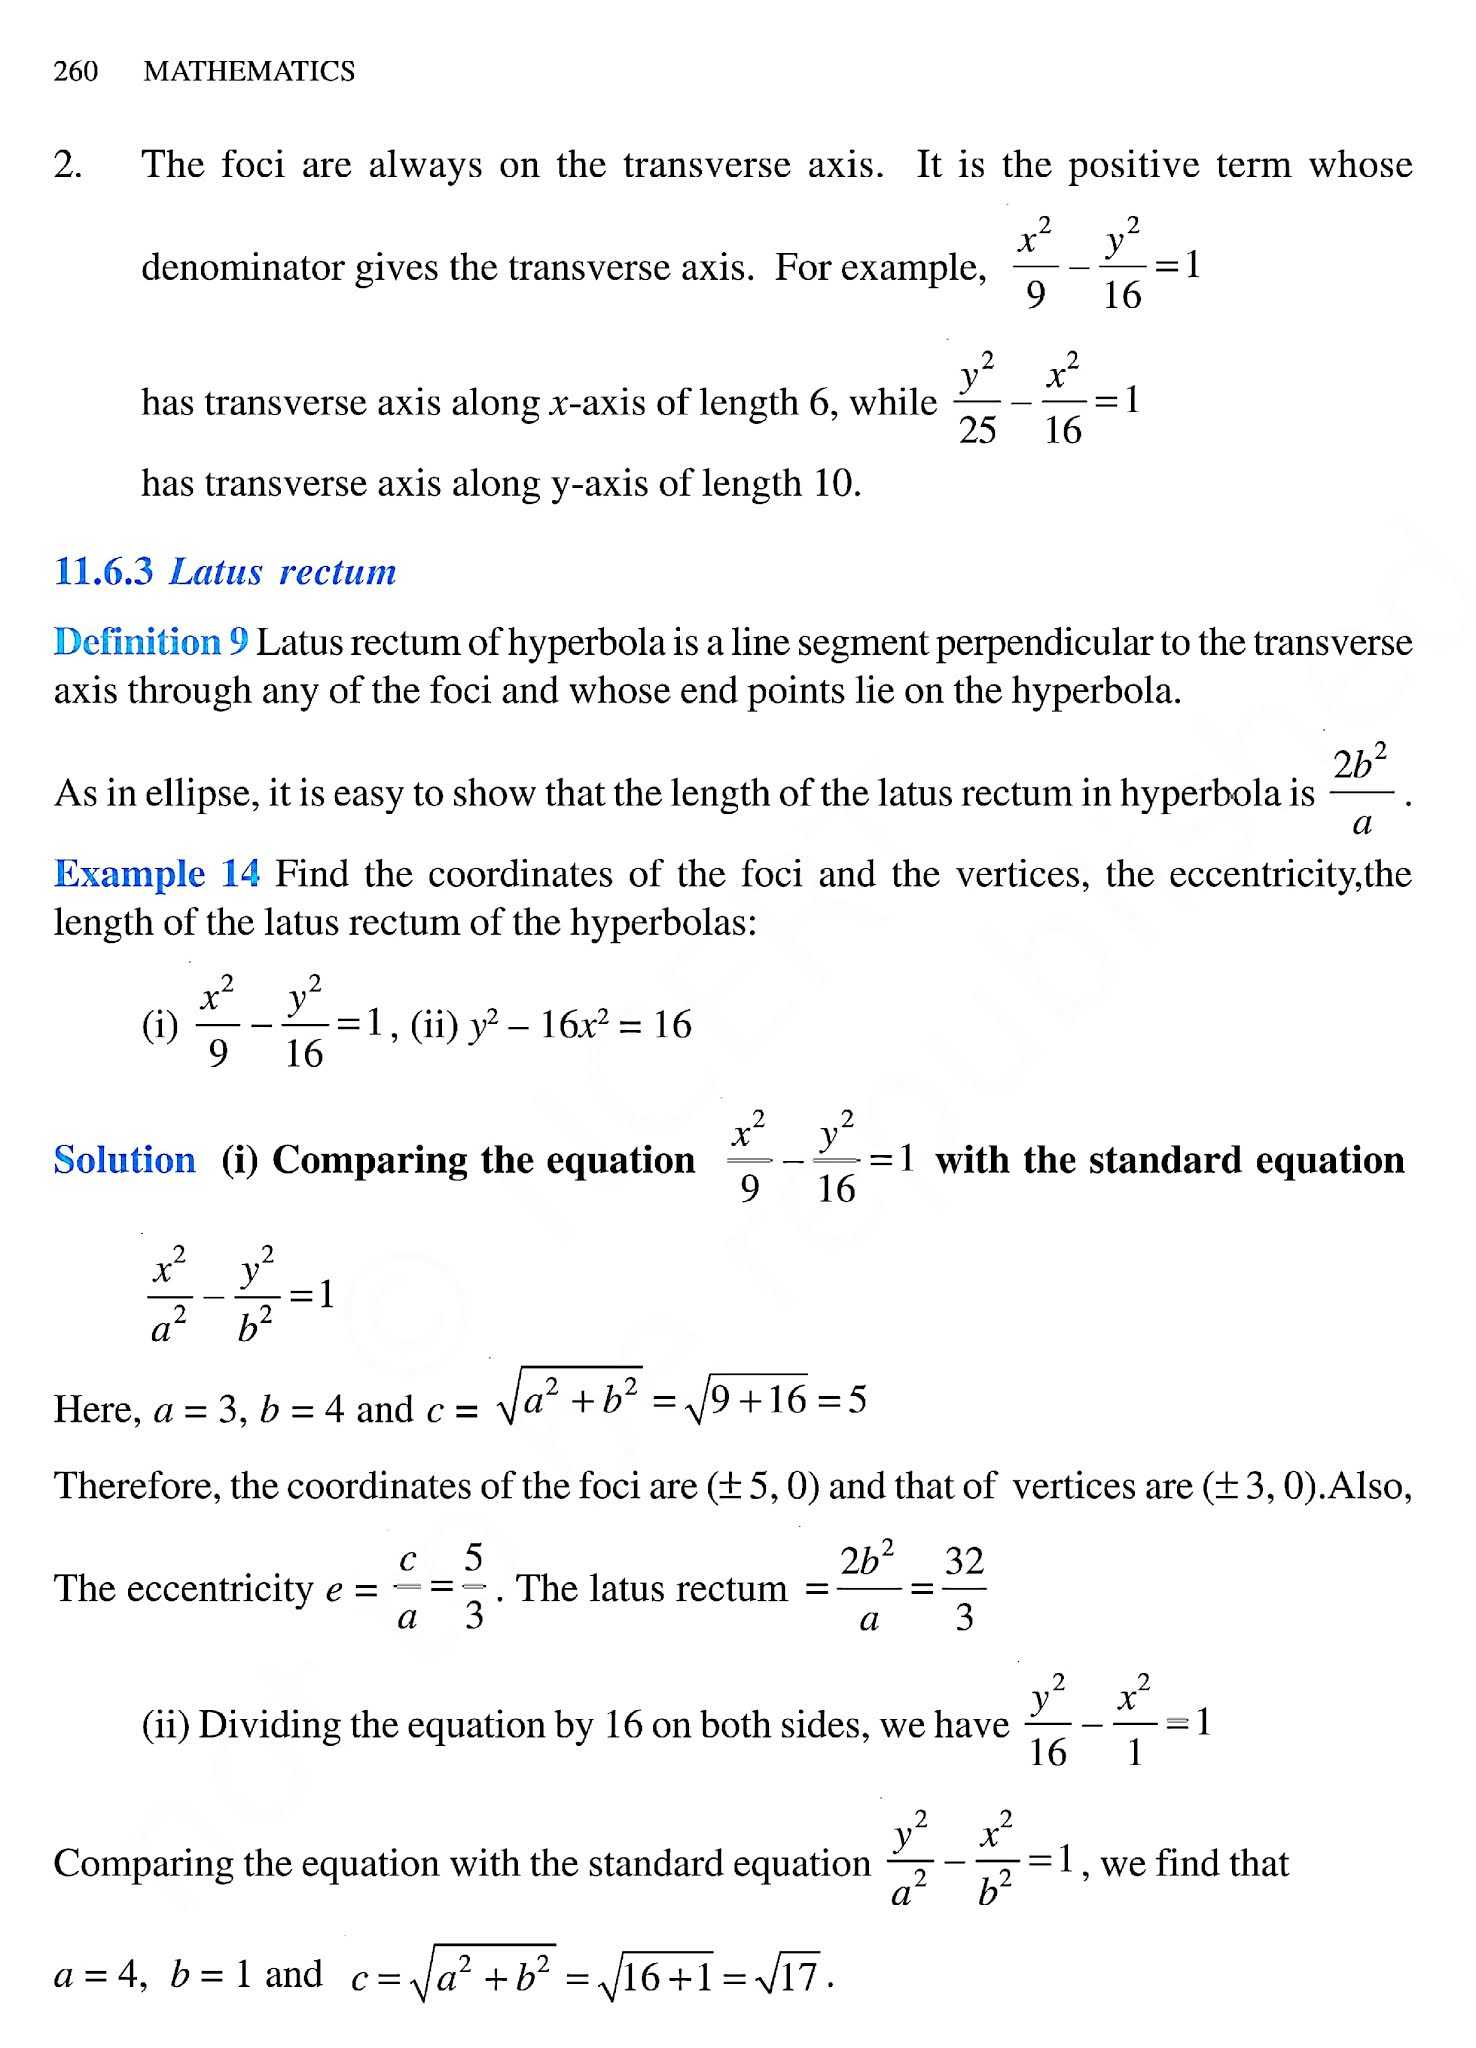 Class 11 Maths Chapter 11 Text Book - English Medium,  11th Maths book in hindi,11th Maths notes in hindi,cbse books for class  11,cbse books in hindi,cbse ncert books,class  11  Maths notes in hindi,class  11 hindi ncert solutions, Maths 2020, Maths 2021, Maths 2022, Maths book class  11, Maths book in hindi, Maths class  11 in hindi, Maths notes for class  11 up board in hindi,ncert all books,ncert app in hindi,ncert book solution,ncert books class 10,ncert books class  11,ncert books for class 7,ncert books for upsc in hindi,ncert books in hindi class 10,ncert books in hindi for class  11  Maths,ncert books in hindi for class 6,ncert books in hindi pdf,ncert class  11 hindi book,ncert english book,ncert  Maths book in hindi,ncert  Maths books in hindi pdf,ncert  Maths class  11,ncert in hindi,old ncert books in hindi,online ncert books in hindi,up board  11th,up board  11th syllabus,up board class 10 hindi book,up board class  11 books,up board class  11 new syllabus,up Board  Maths 2020,up Board  Maths 2021,up Board  Maths 2022,up Board  Maths 2023,up board intermediate  Maths syllabus,up board intermediate syllabus 2021,Up board Master 2021,up board model paper 2021,up board model paper all subject,up board new syllabus of class 11th Maths,up board paper 2021,Up board syllabus 2021,UP board syllabus 2022,   11 वीं मैथ्स पुस्तक हिंदी में,  11 वीं मैथ्स नोट्स हिंदी में, कक्षा  11 के लिए सीबीएससी पुस्तकें, हिंदी में सीबीएससी पुस्तकें, सीबीएससी  पुस्तकें, कक्षा  11 मैथ्स नोट्स हिंदी में, कक्षा  11 हिंदी एनसीईआरटी समाधान, मैथ्स 2020, मैथ्स 2021, मैथ्स 2022, मैथ्स  बुक क्लास  11, मैथ्स बुक इन हिंदी, बायोलॉजी क्लास  11 हिंदी में, मैथ्स नोट्स इन क्लास  11 यूपी  बोर्ड इन हिंदी, एनसीईआरटी मैथ्स की किताब हिंदी में,  बोर्ड  11 वीं तक,  11 वीं तक की पाठ्यक्रम, बोर्ड कक्षा 10 की हिंदी पुस्तक  , बोर्ड की कक्षा  11 की किताबें, बोर्ड की कक्षा  11 की नई पाठ्यक्रम, बोर्ड मैथ्स 2020, यूपी   बोर्ड मैथ्स 2021, यूपी  बोर्ड मैथ्स 2022, यूपी  बोर्ड मैथ्स 2023, यूपी  बोर्ड इंटरमीडिएट बा